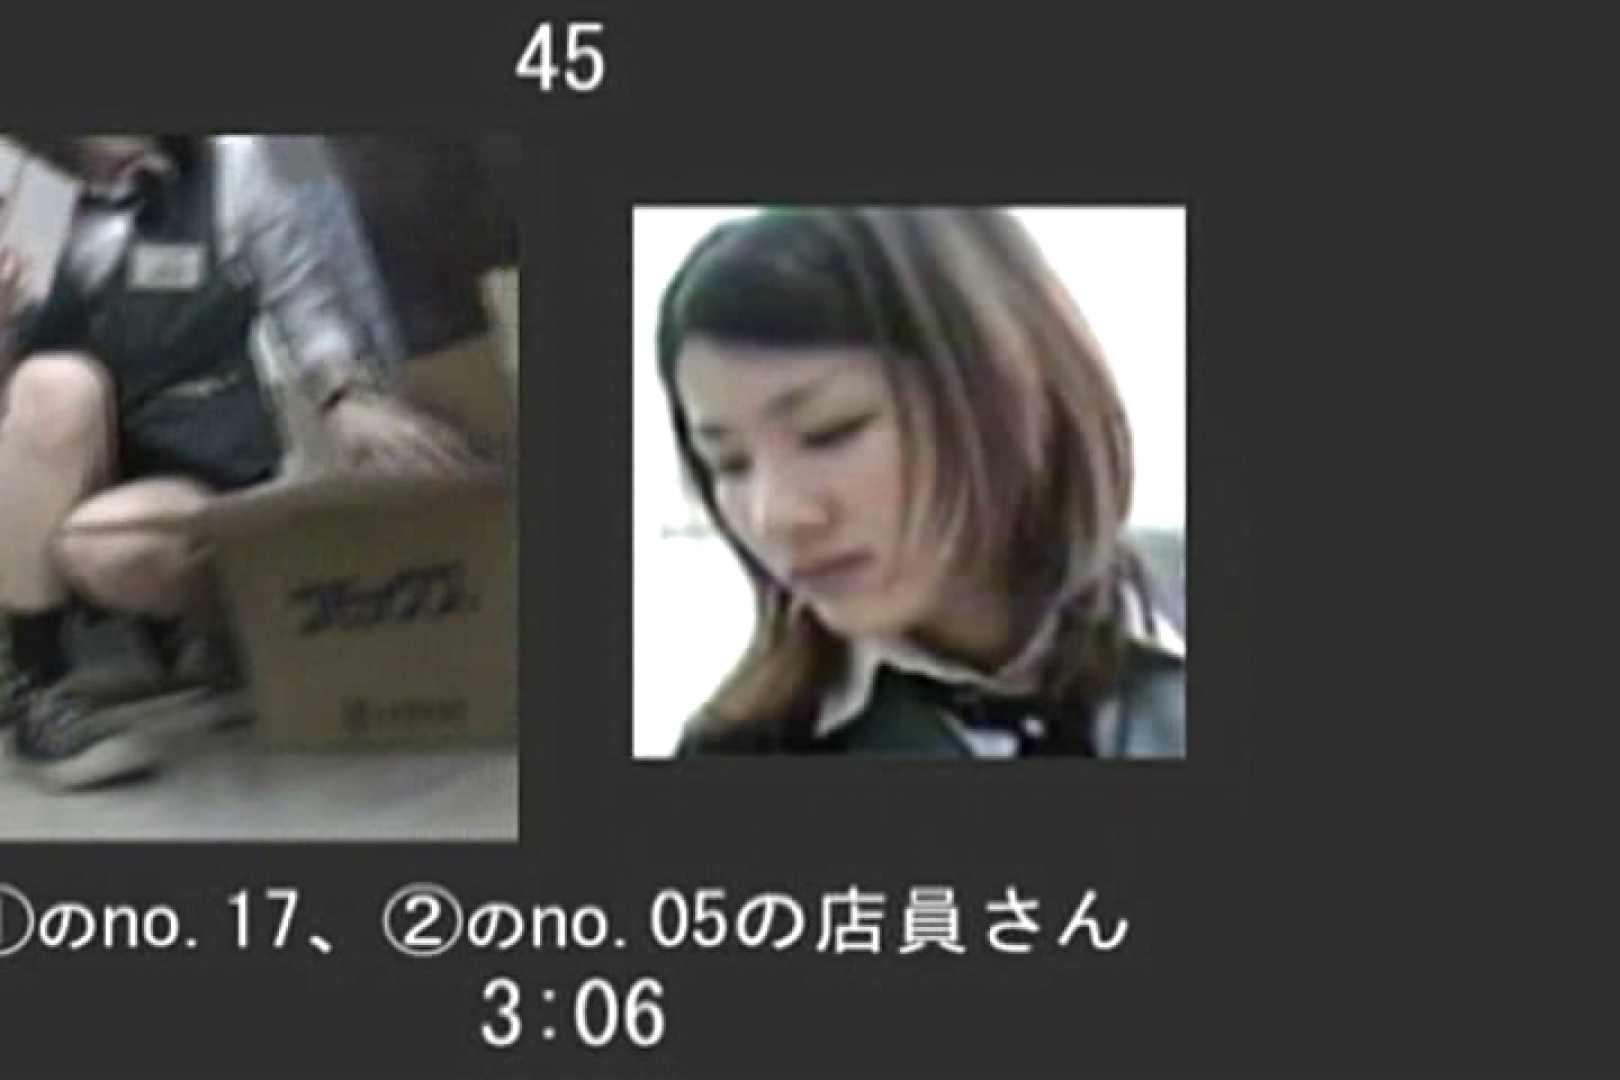 カメラぶっこみ!パンチラ奪取!!Vol.8 OL  36連発 10